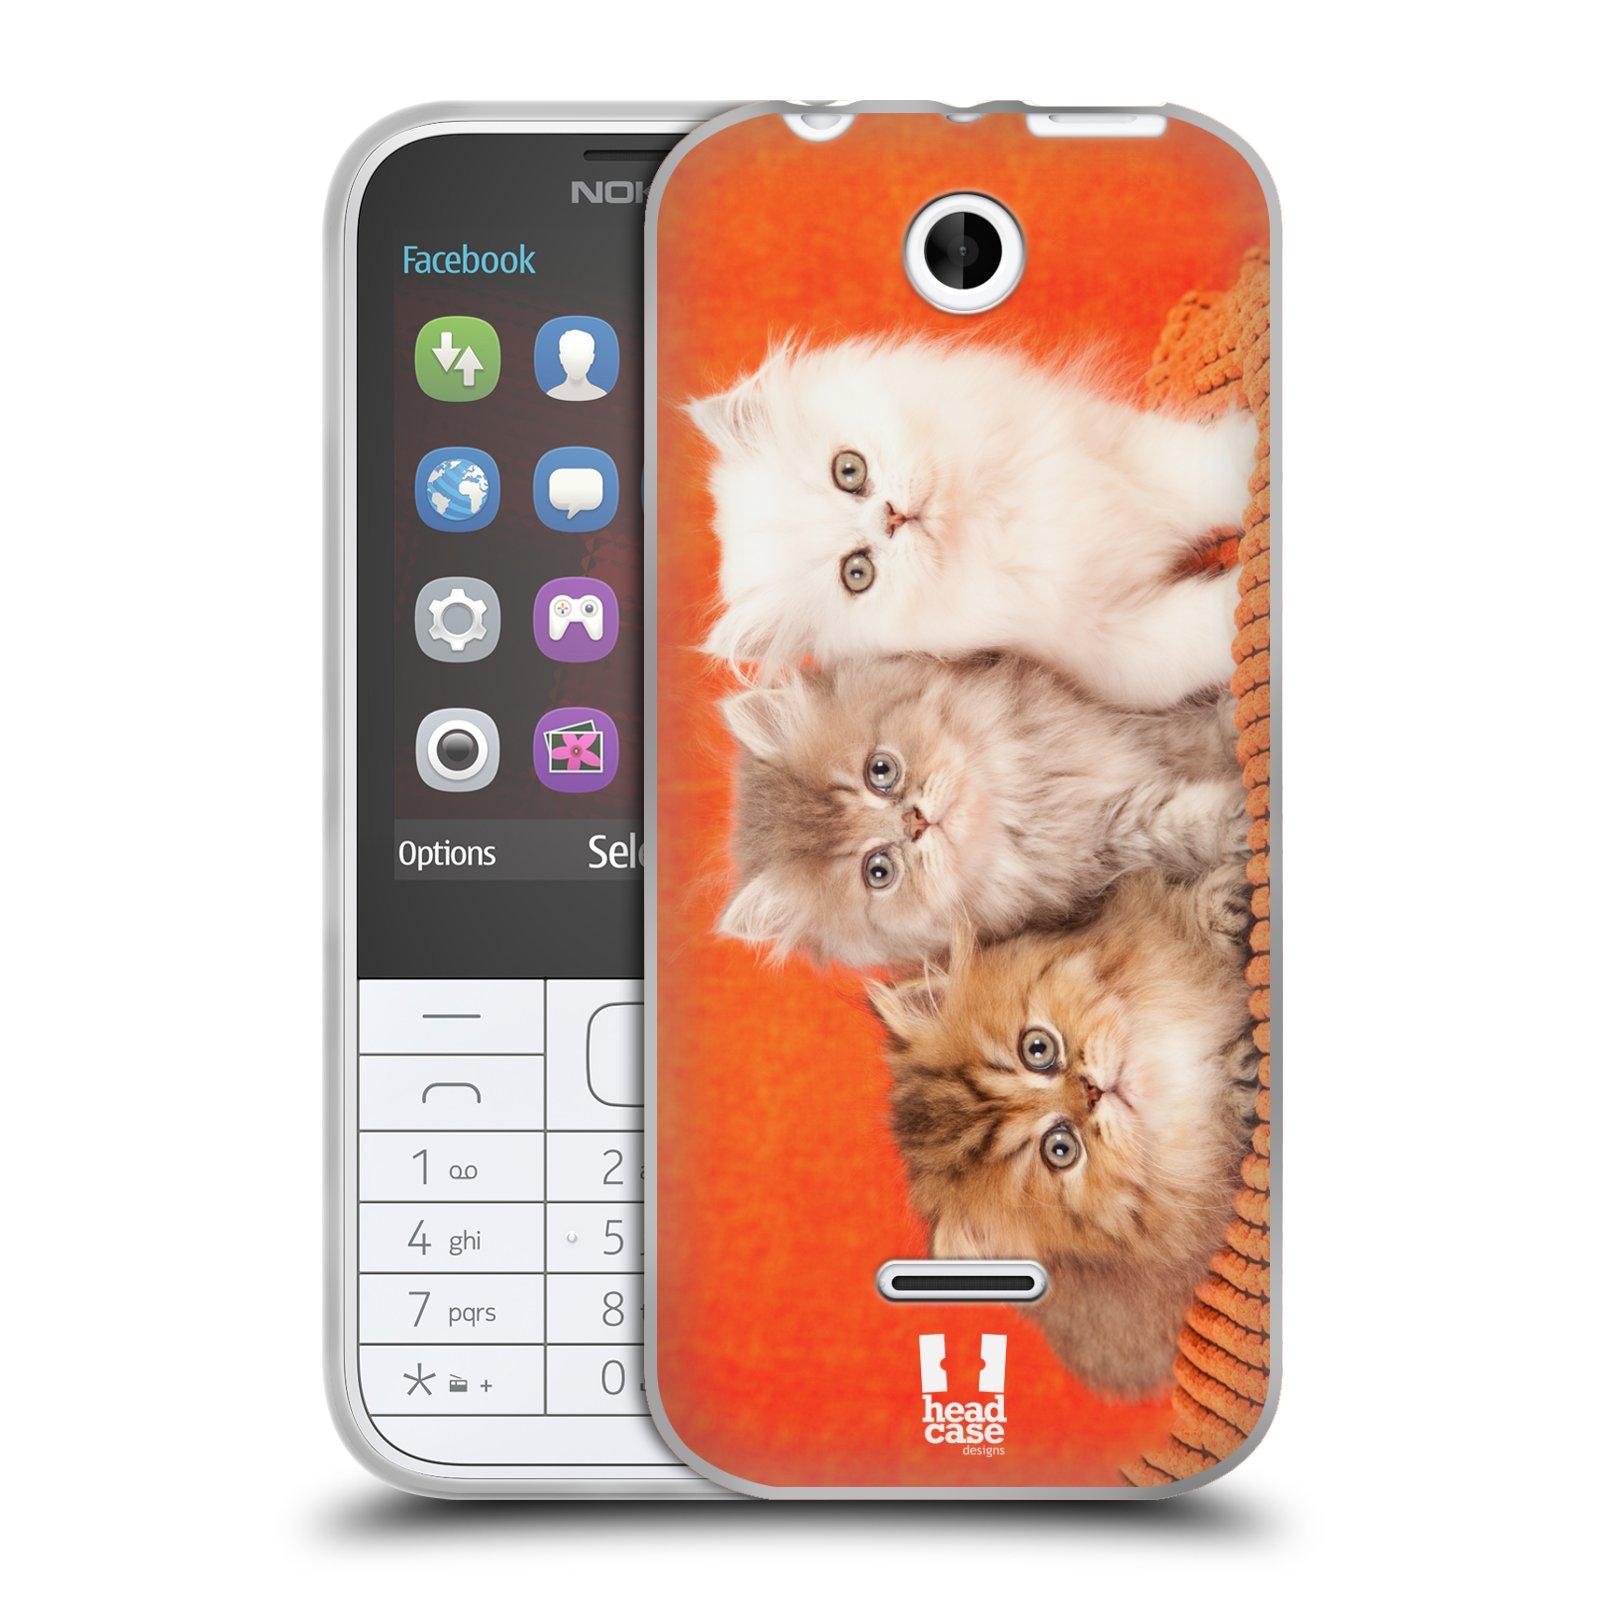 HEAD CASE silikonový obal na mobil NOKIA 225 / NOKIA 225 DUAL SIM vzor Kočičky koťata foto 3 kočky